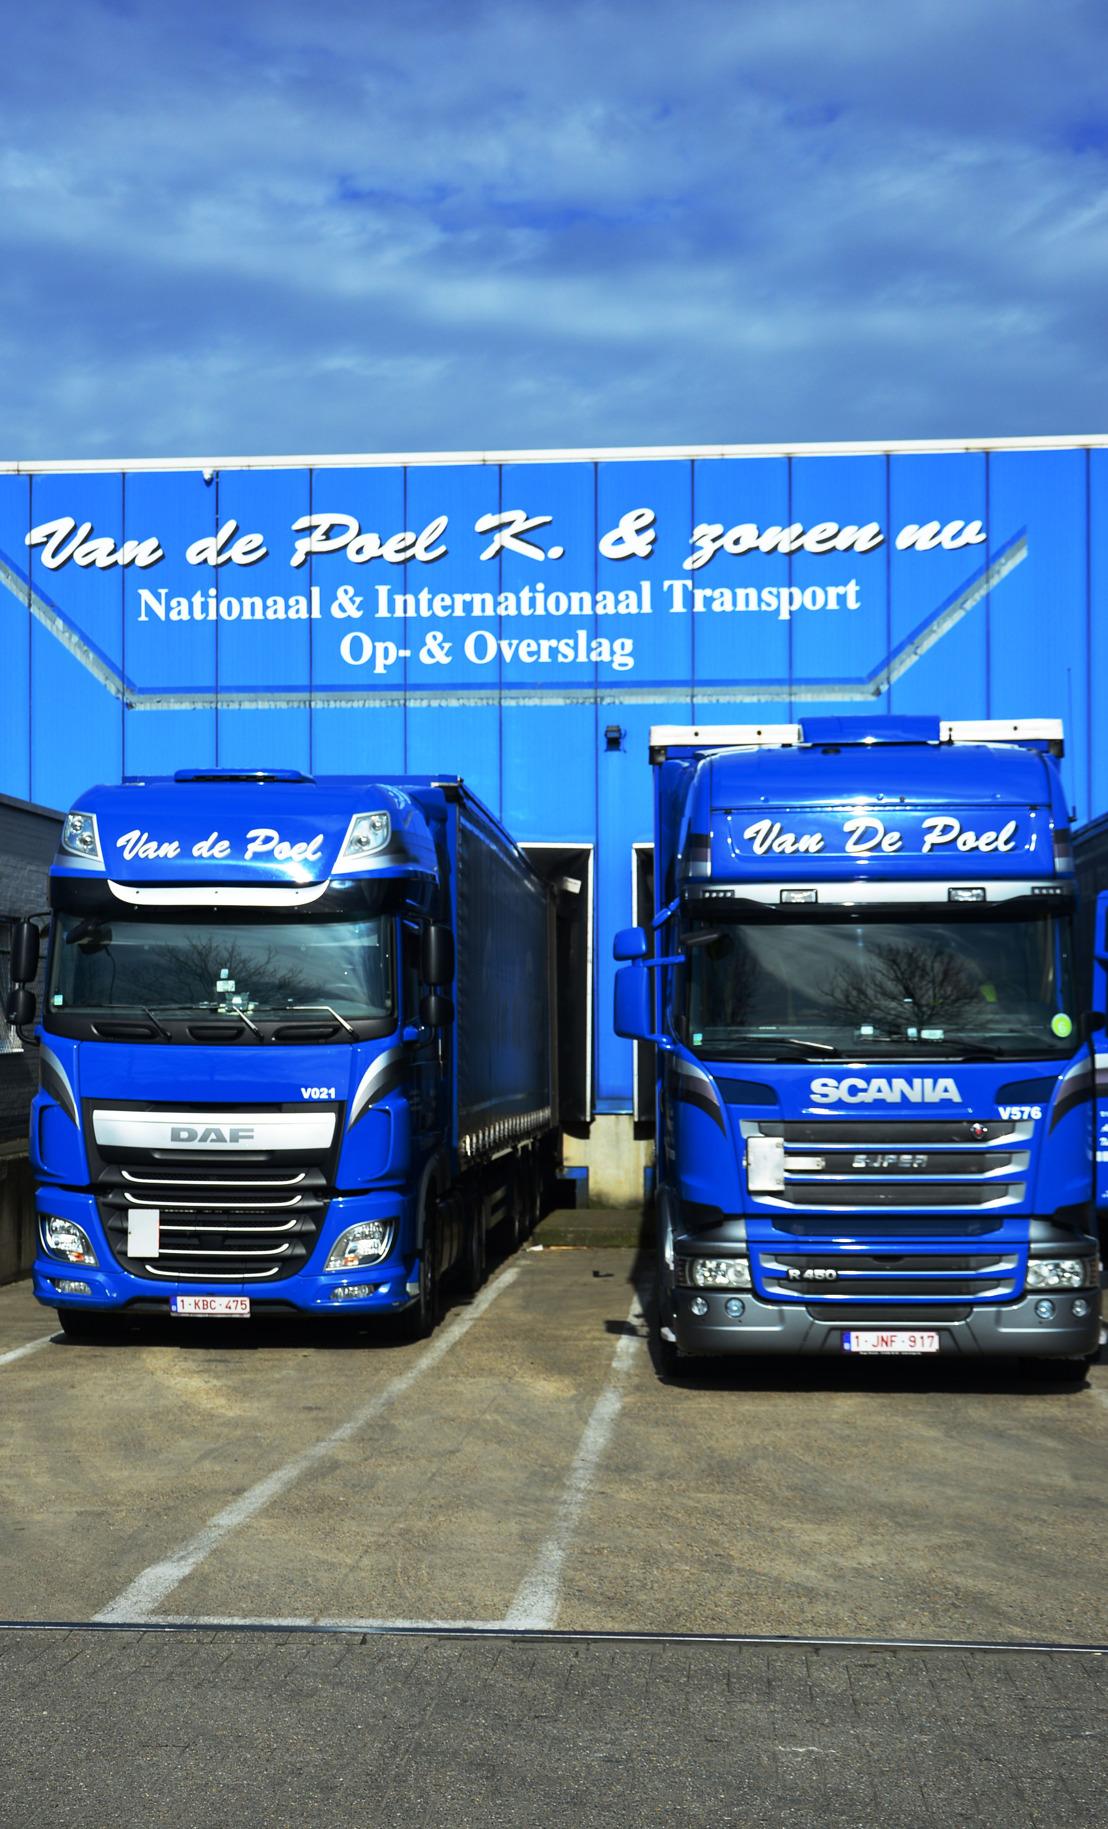 Van de Poel et DKV célèbrent 20 ans de partenariat